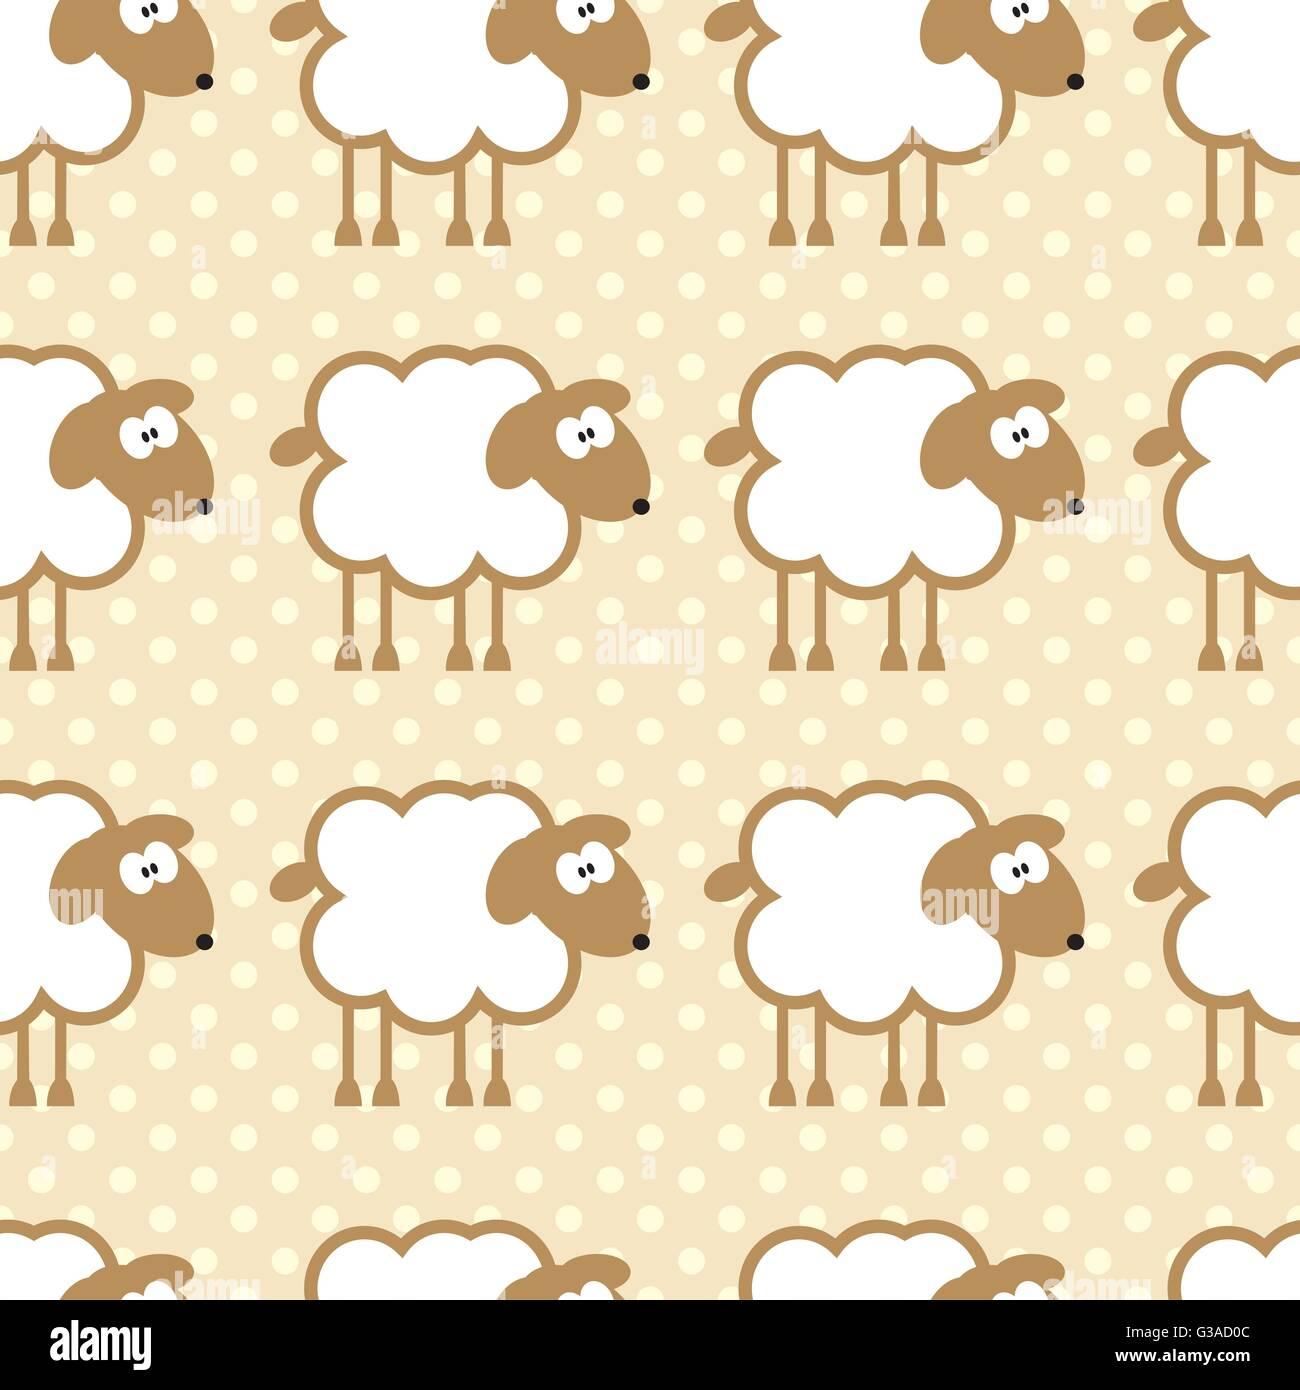 Cartoon Lamb Imágenes De Stock & Cartoon Lamb Fotos De Stock ...